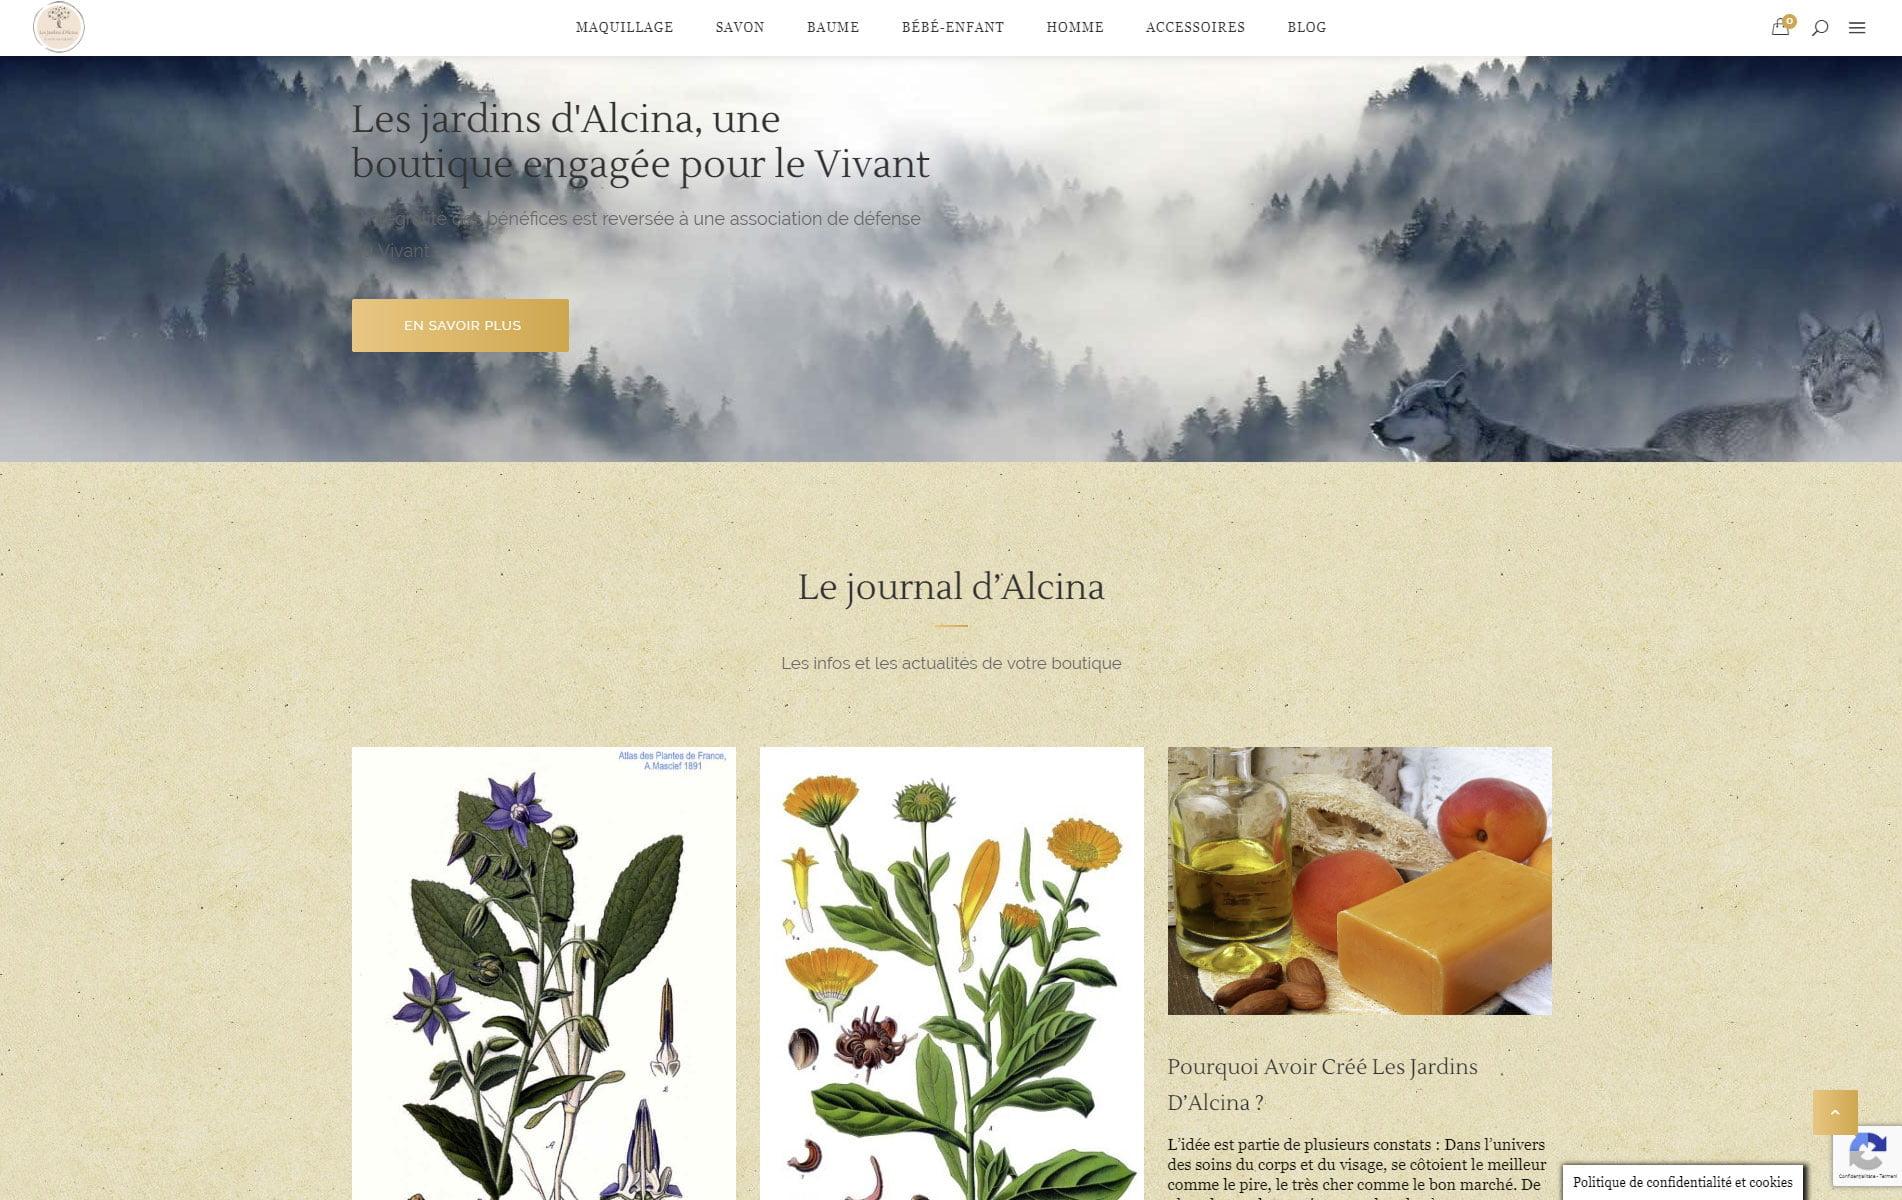 Les Jardins d'Alcina